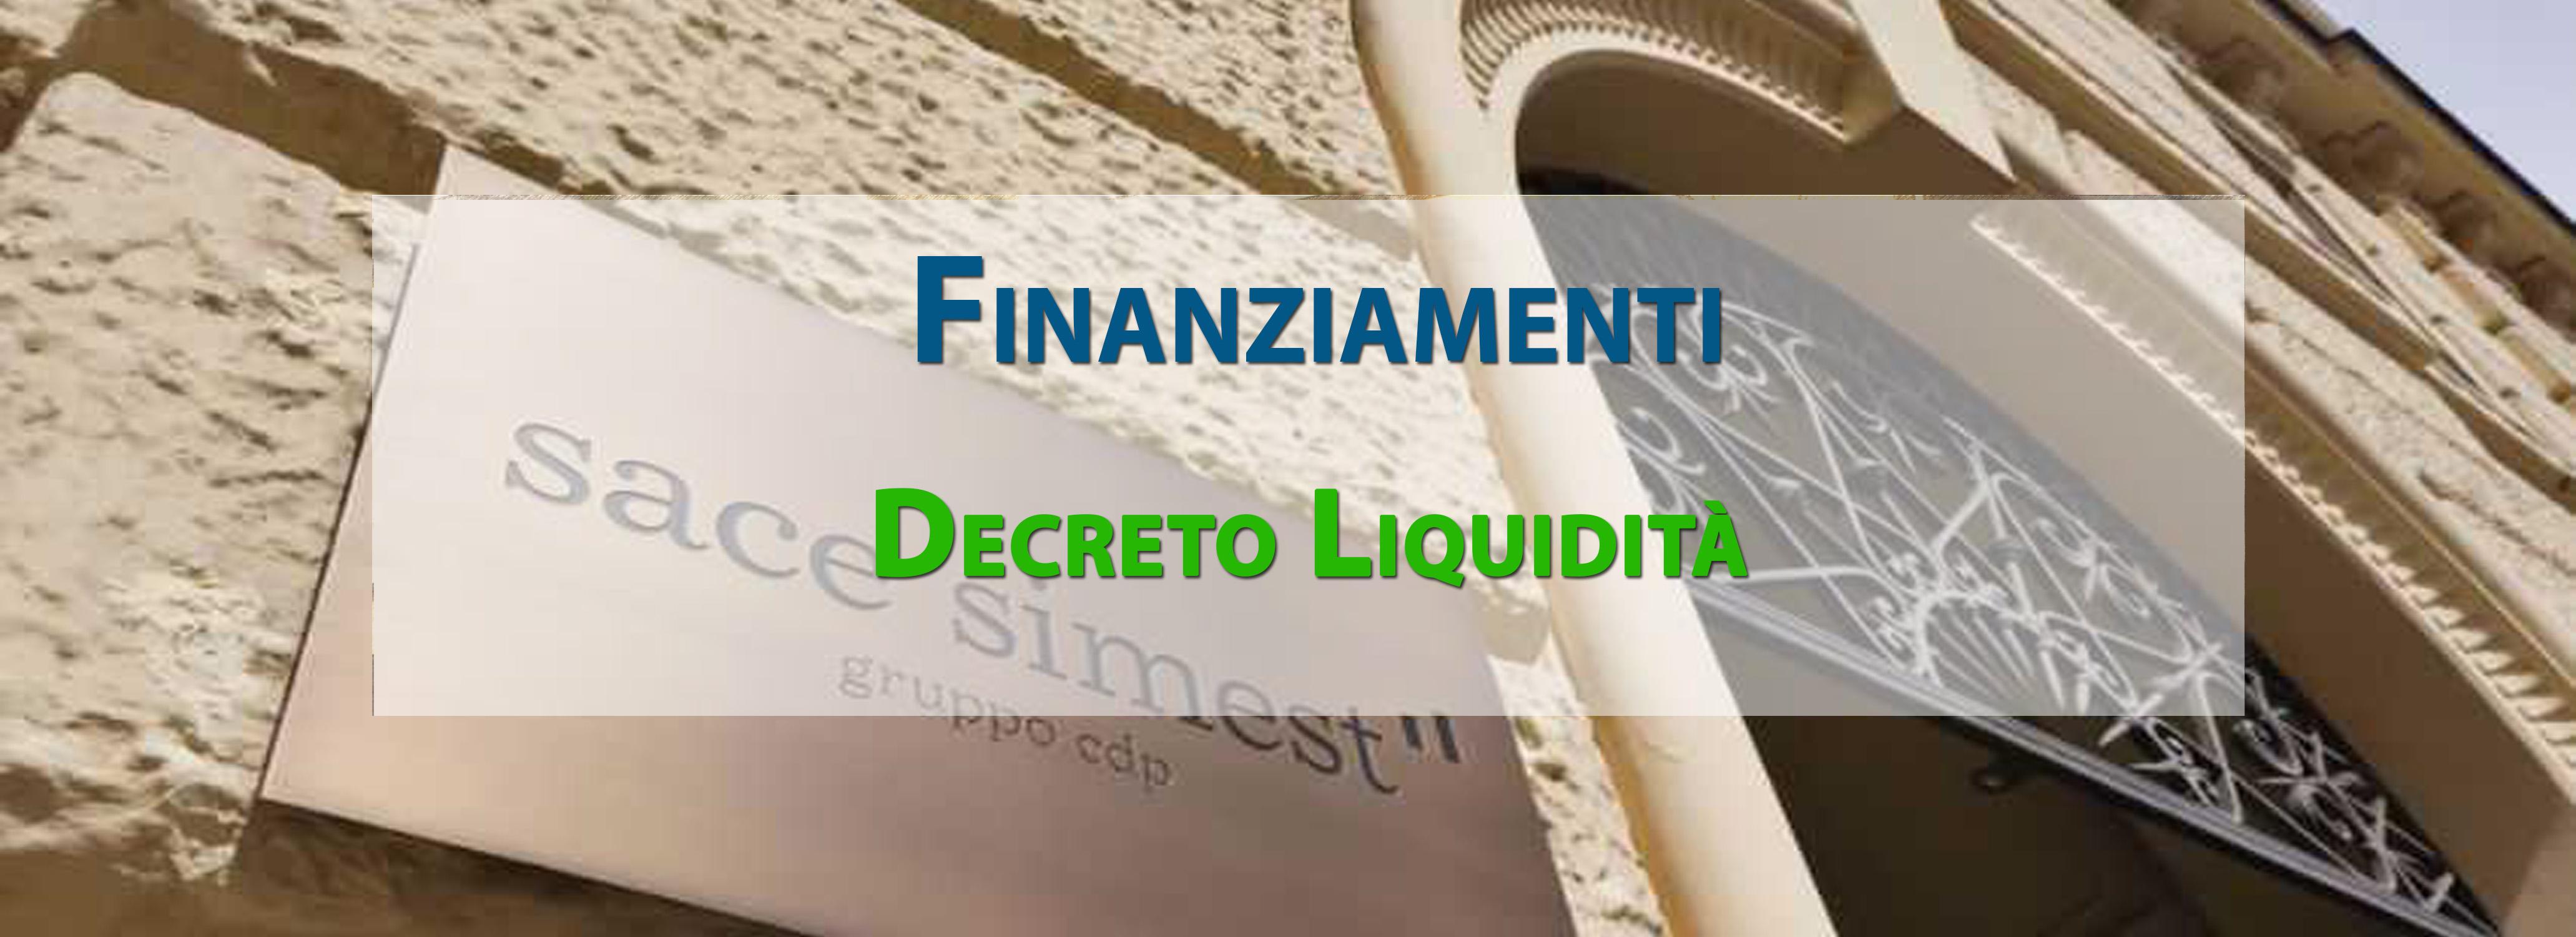 Liquidita